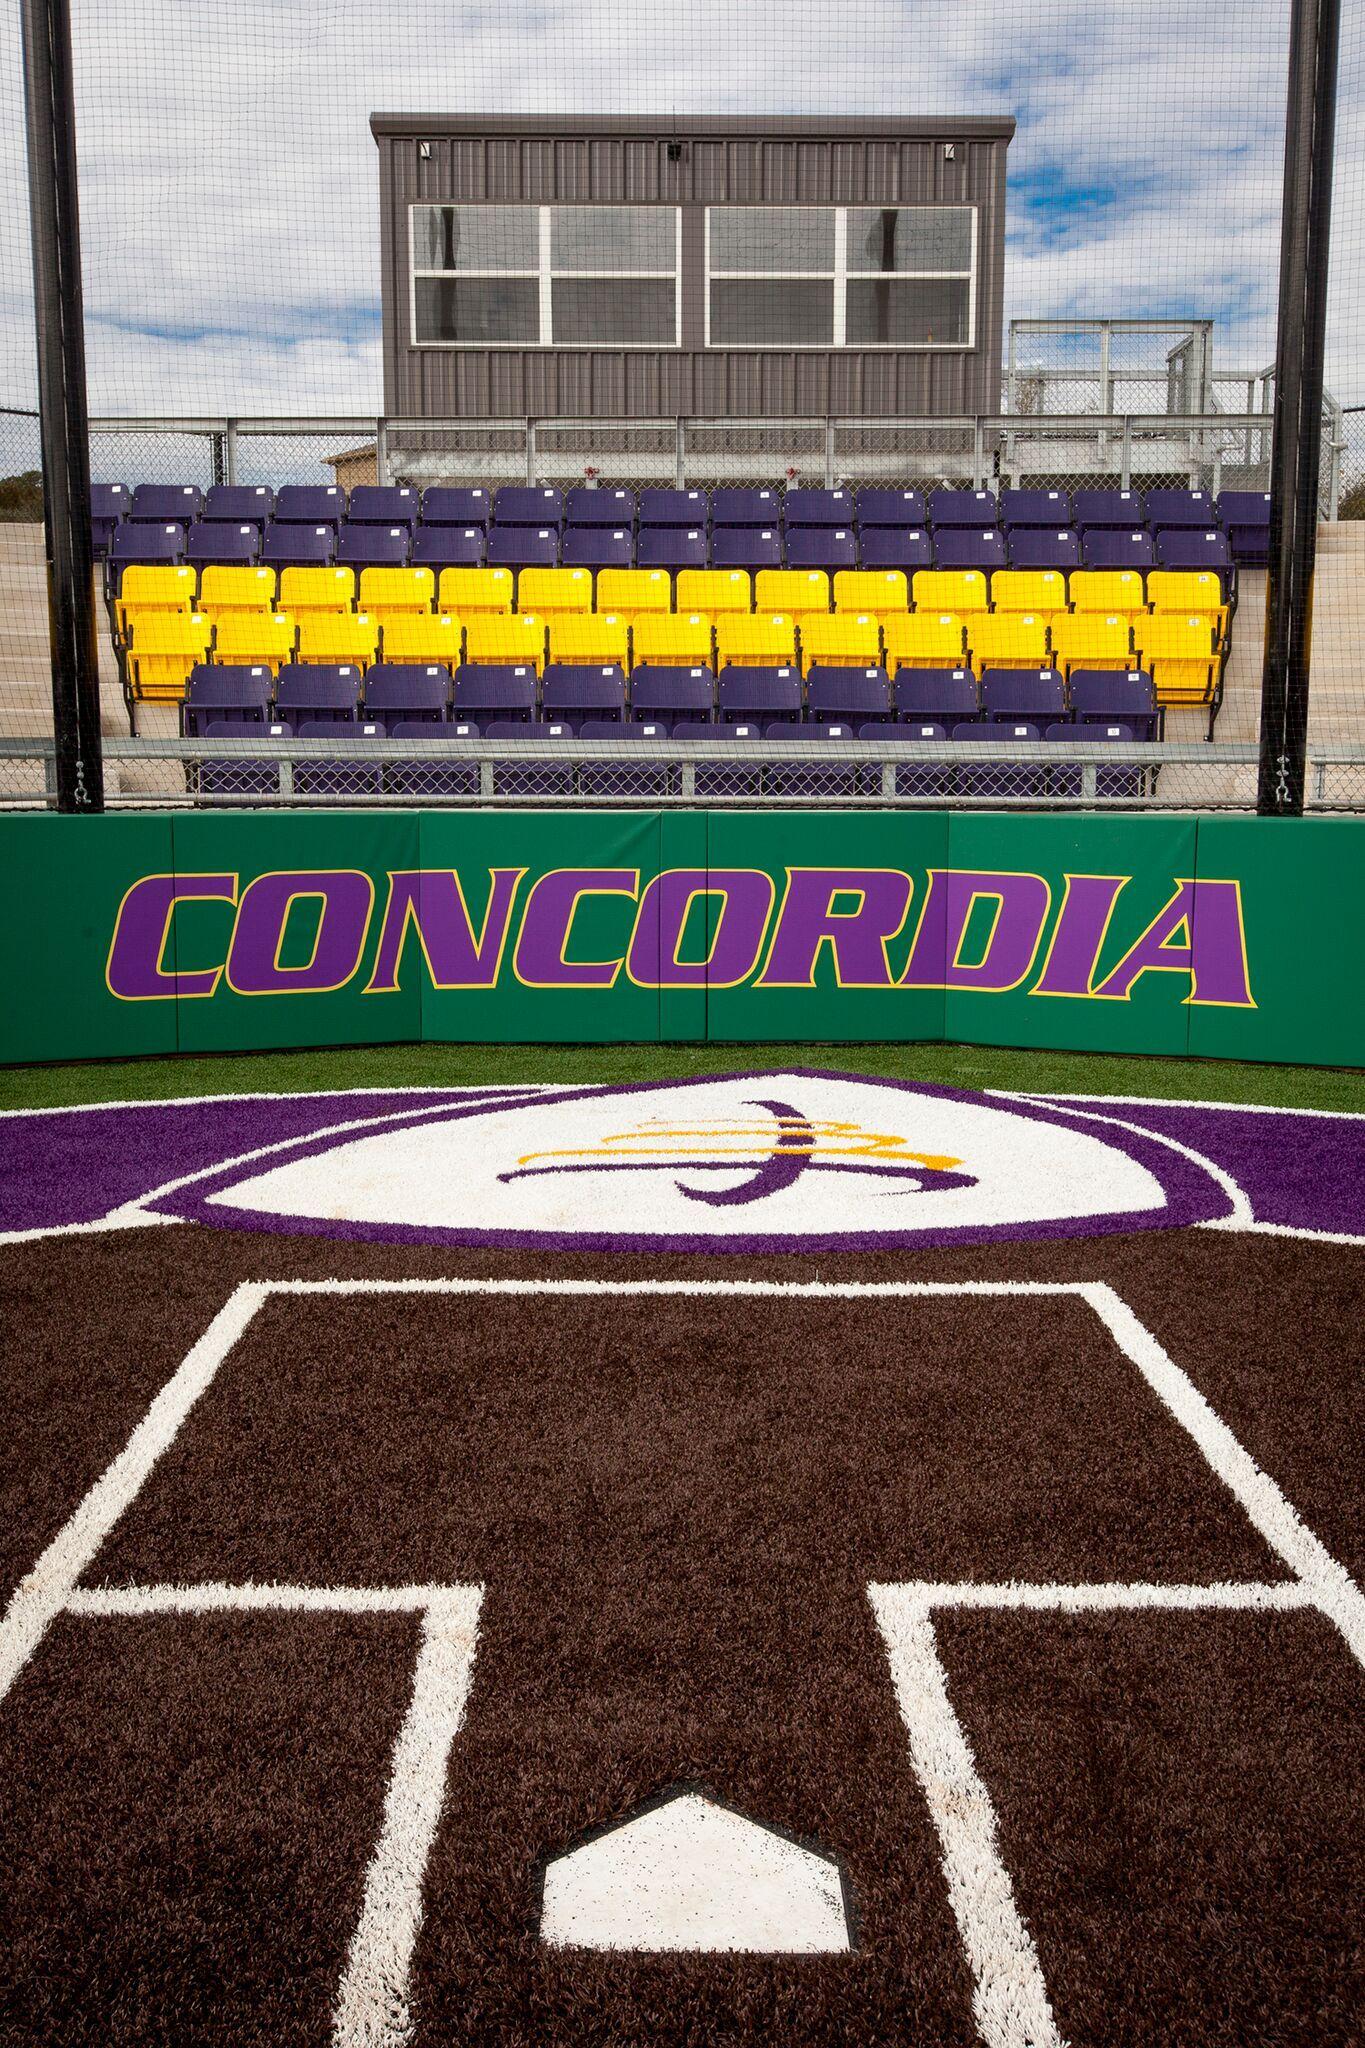 Ctx athletics image by concordia university texas